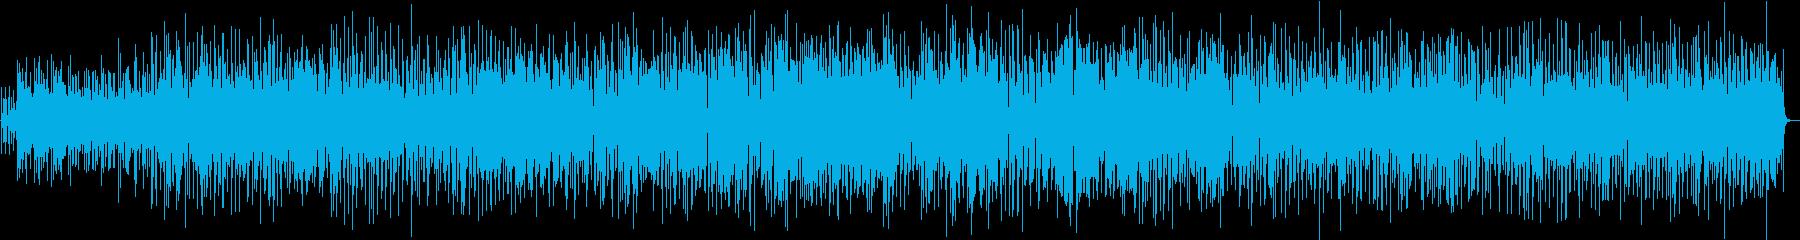 軽快でポップなボサノバの再生済みの波形